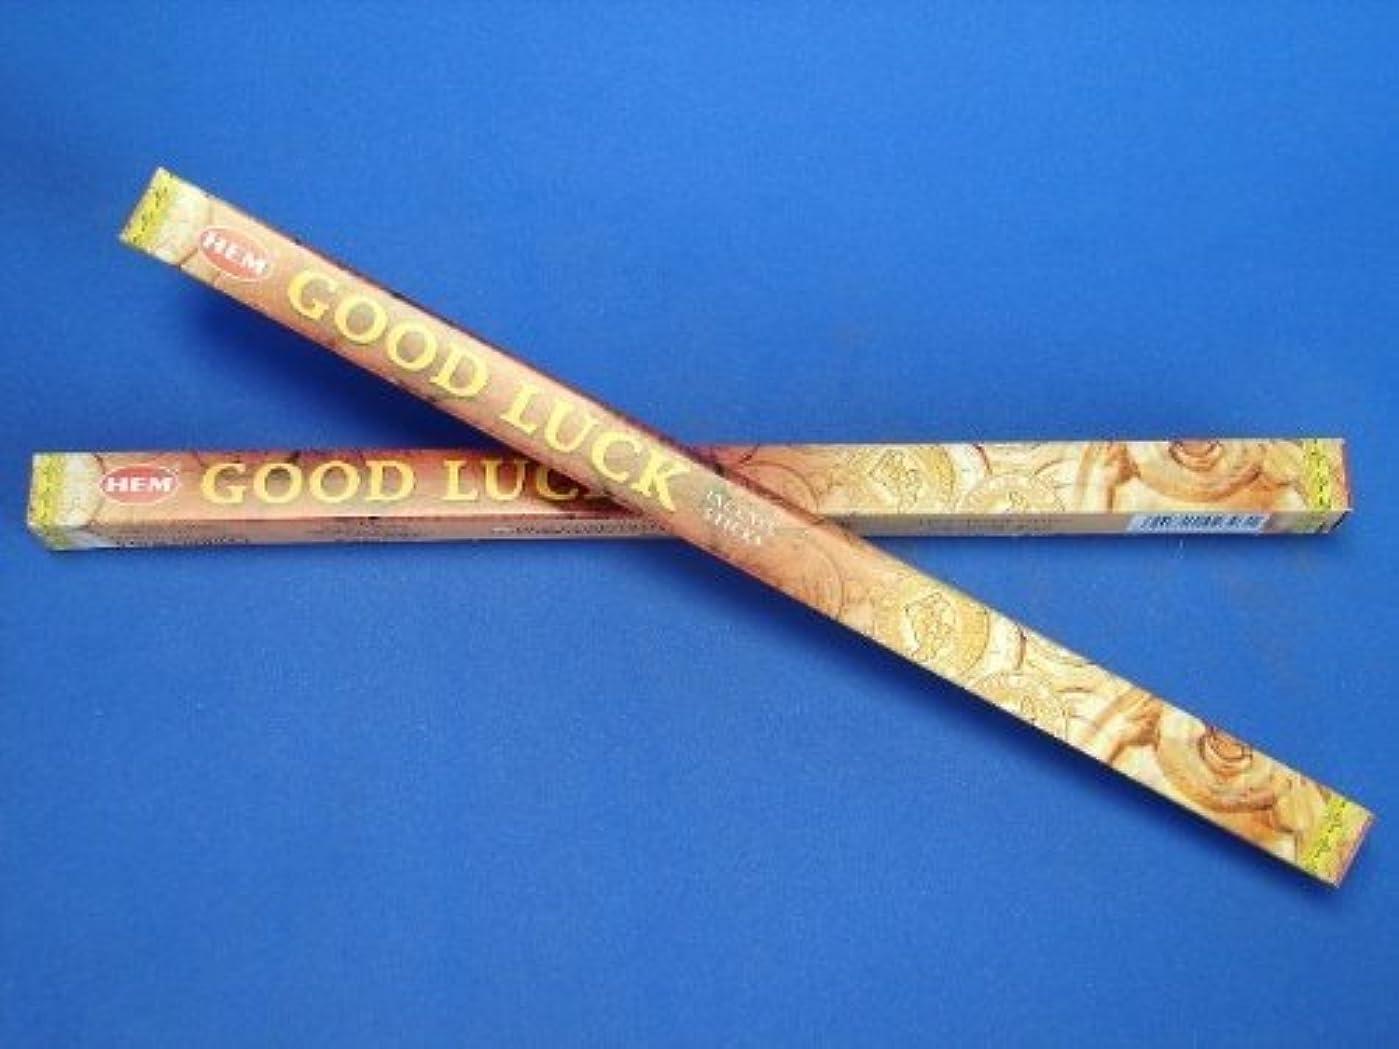 論理ブロッサム密輸4 Boxes of HEM Good Luck Incenses